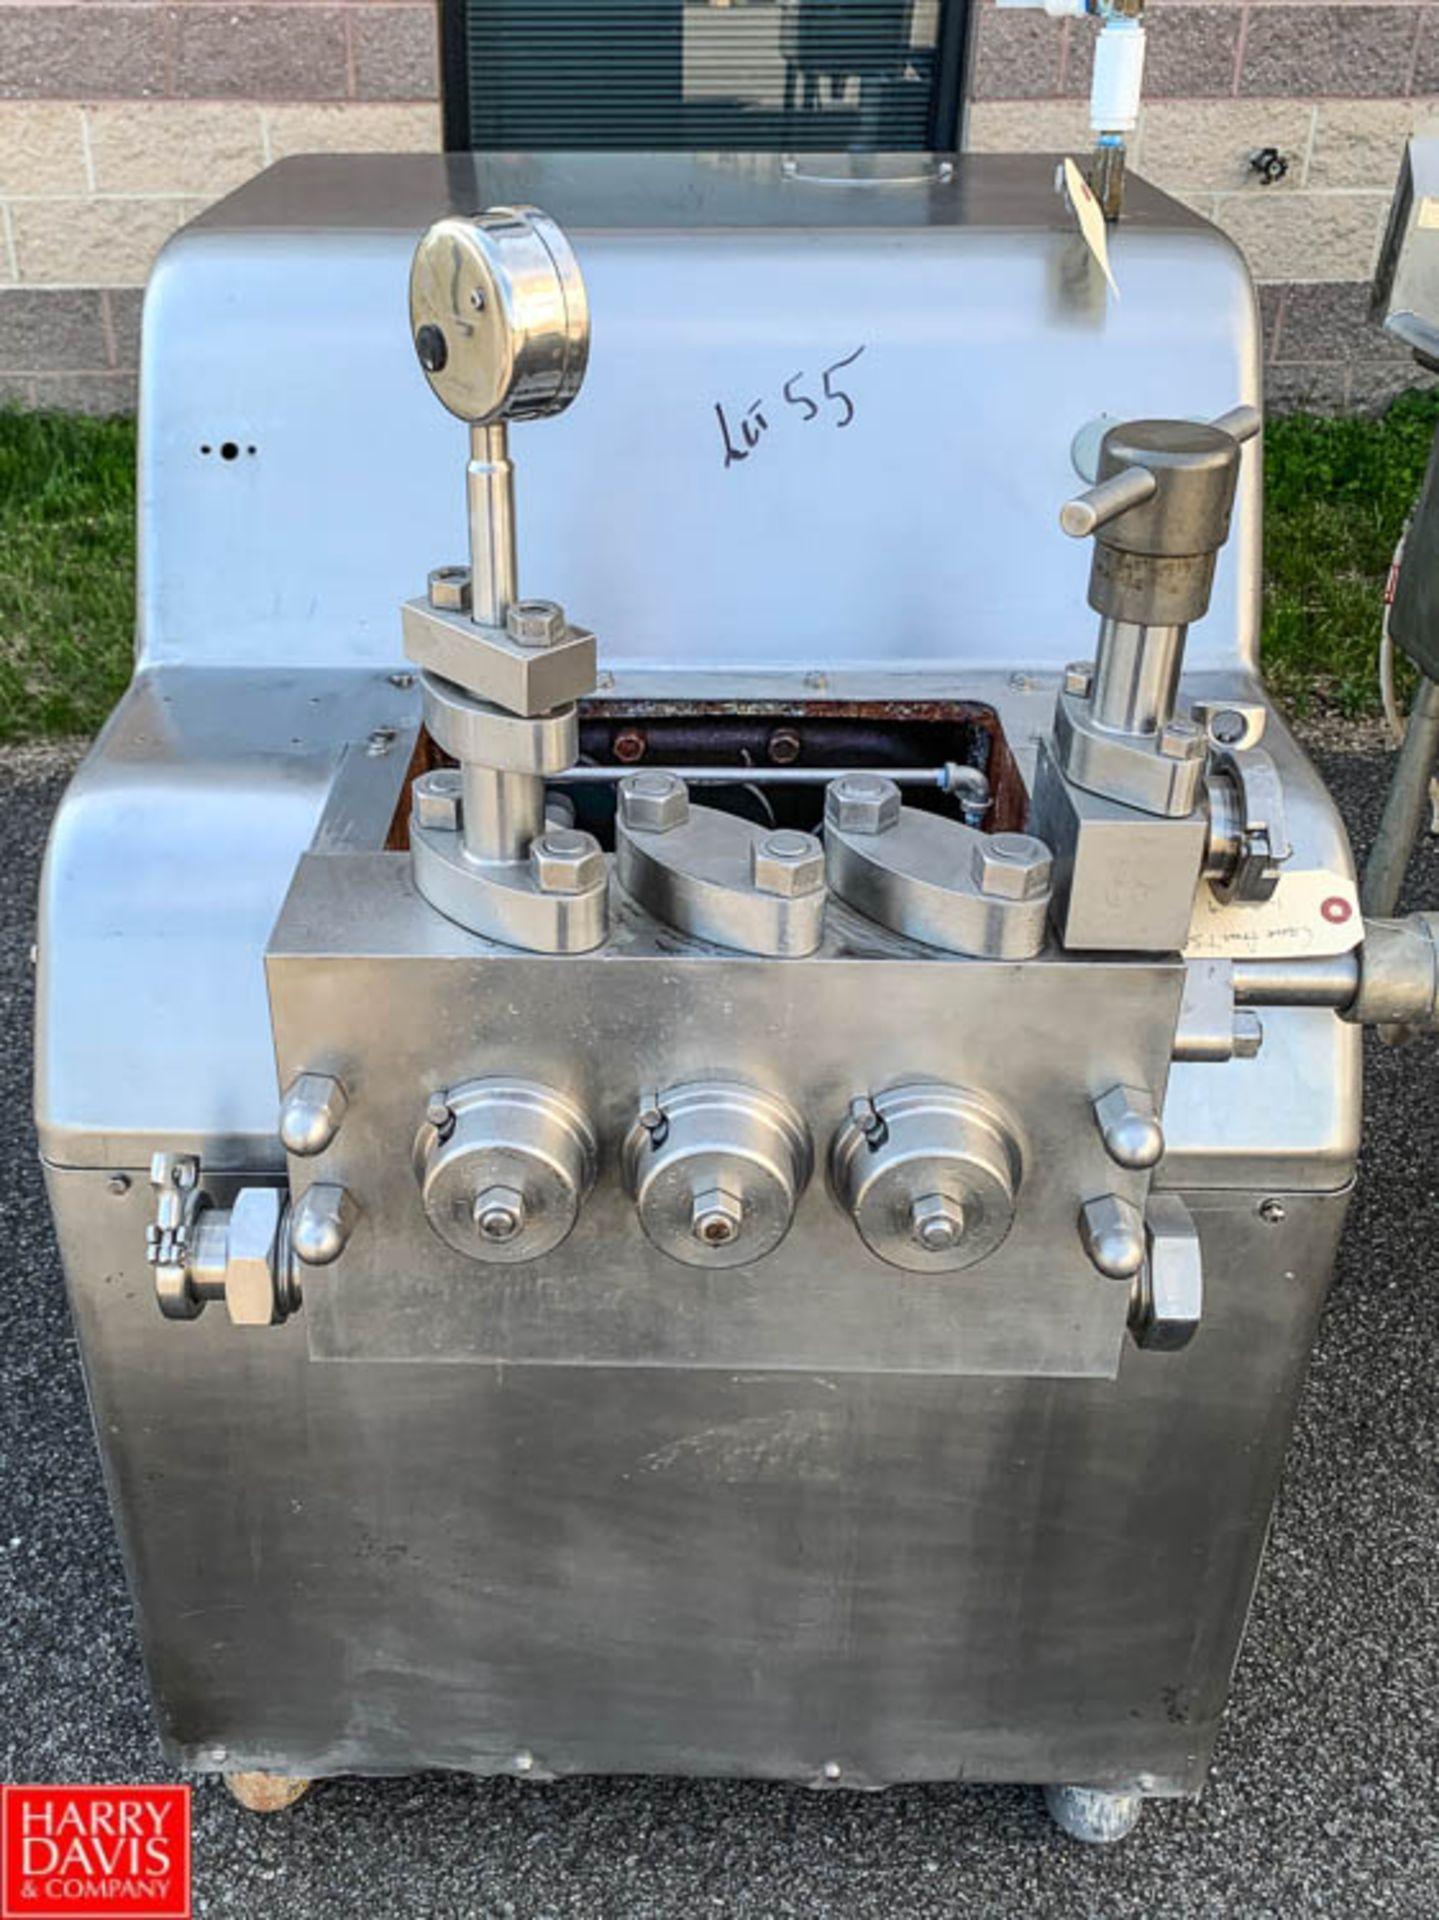 Lot 55 - Cherry Burrell Super Homogenizer, Model SS-1800-VBR, S/N 1395 - Rigging Fee: $25